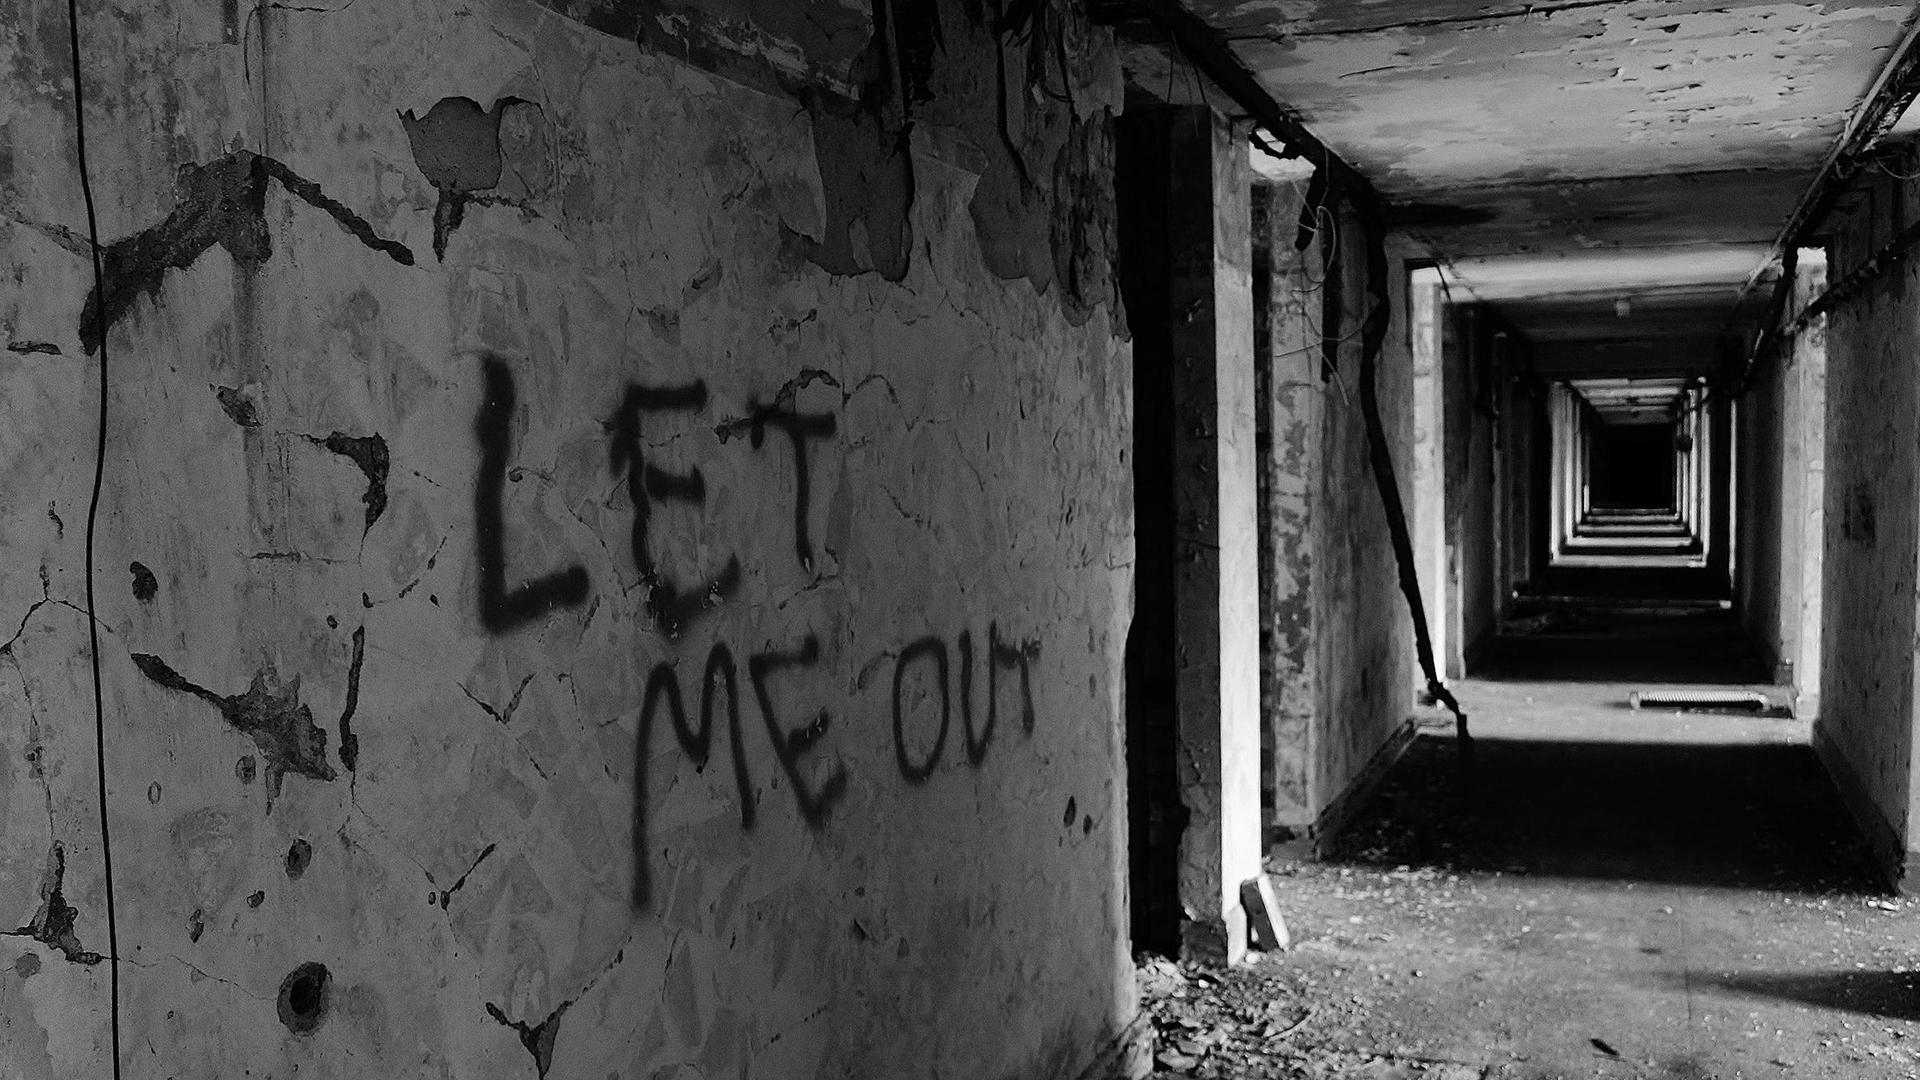 Dalla schiavitù agli ospedali psichiatrici: alla ricerca della libertà con McMurphy e Huckleberry finn